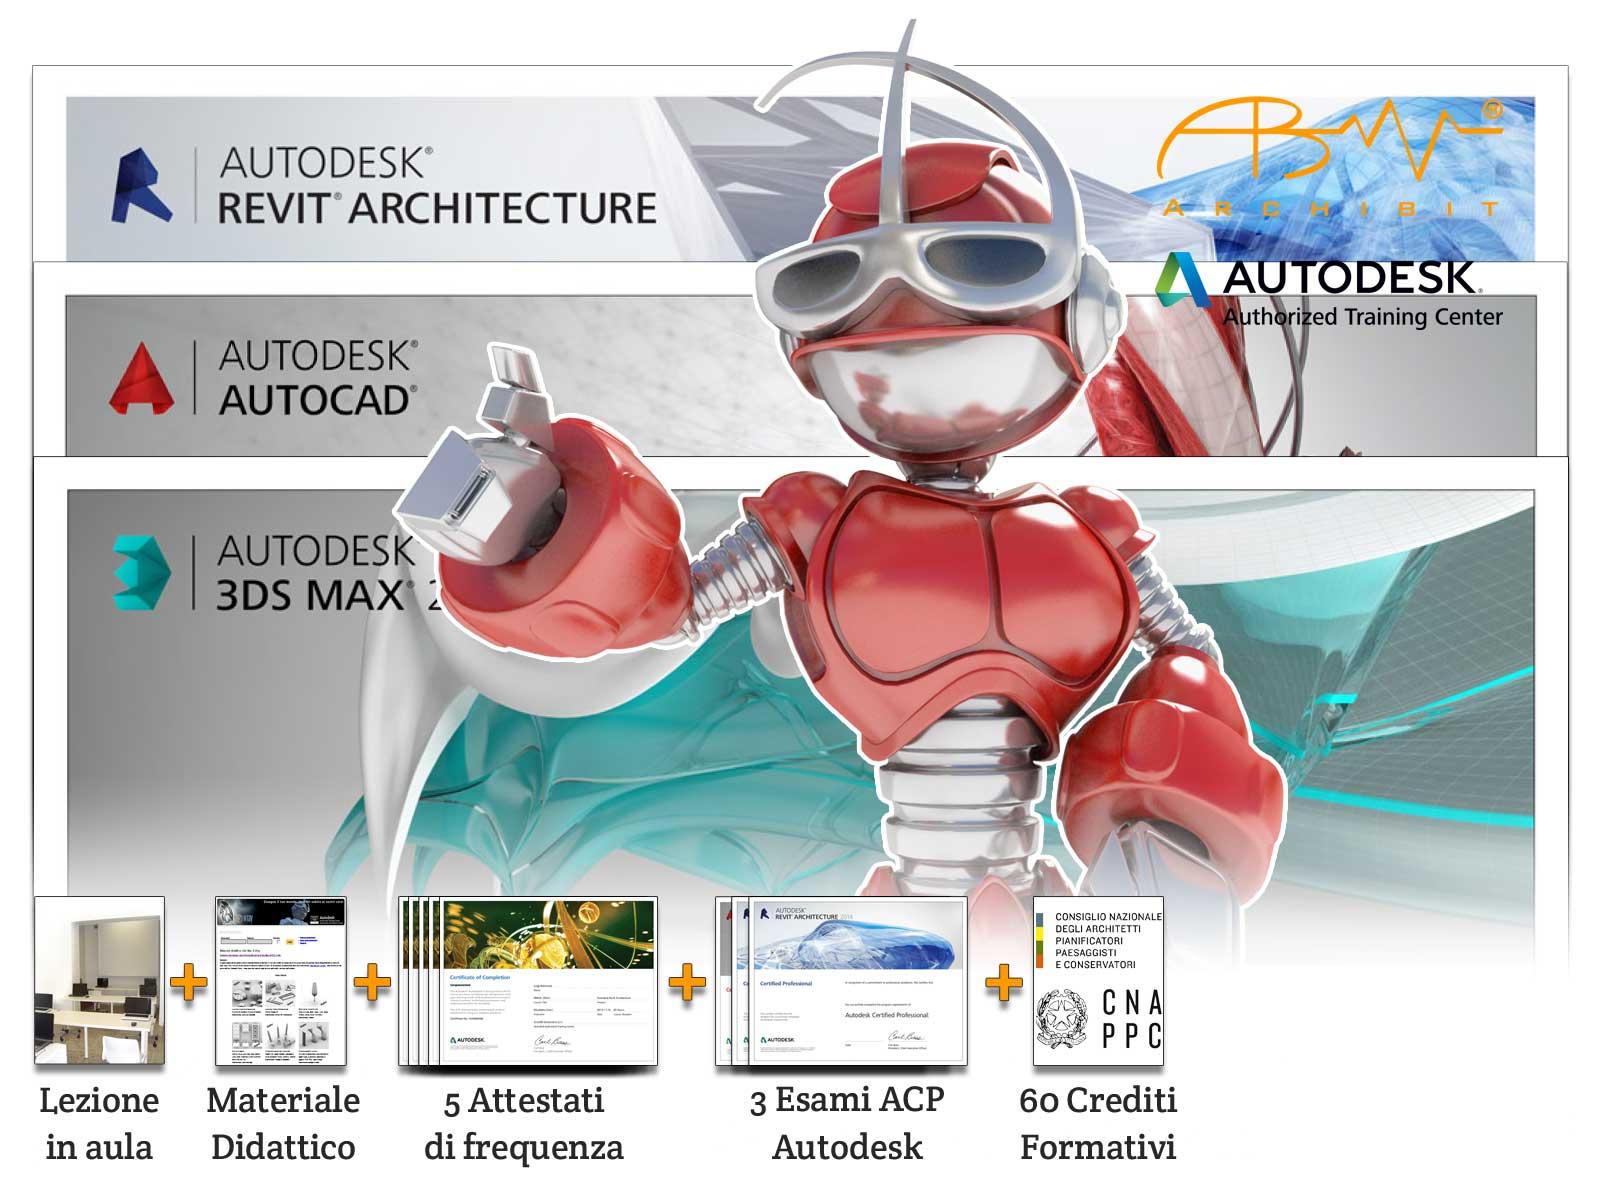 corso disegnatore cad qualifica professionale tecnico del disegno edile regione lazio certificazioni adobe autodesk professional cad revit photoshop archibit corsi roma